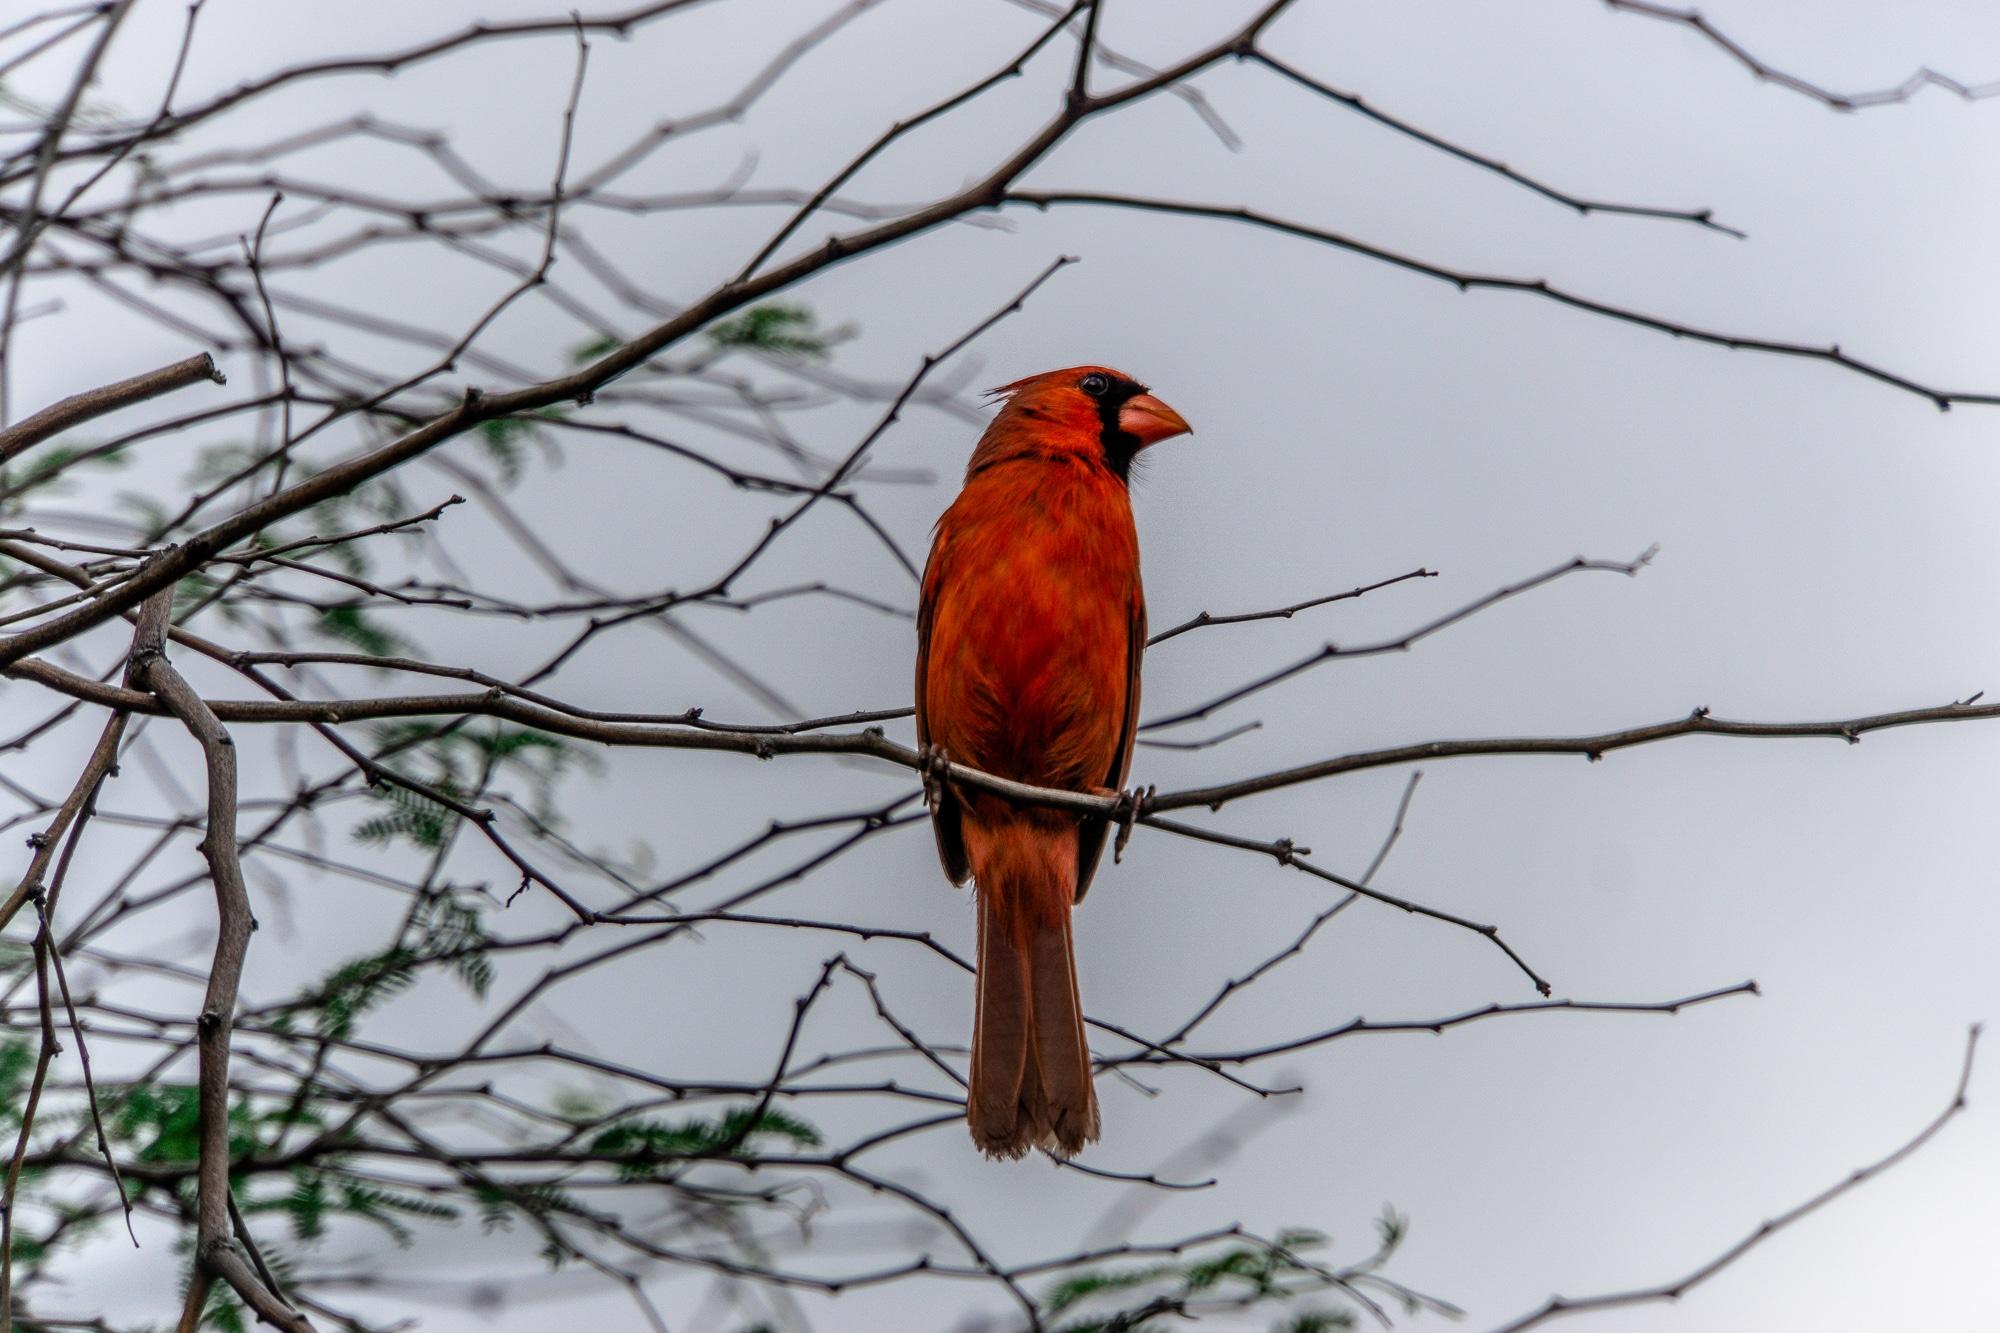 Tiere beobachten auf Big Island - schönste Tierbegegnungen auf Hawaii - Rotkardinal